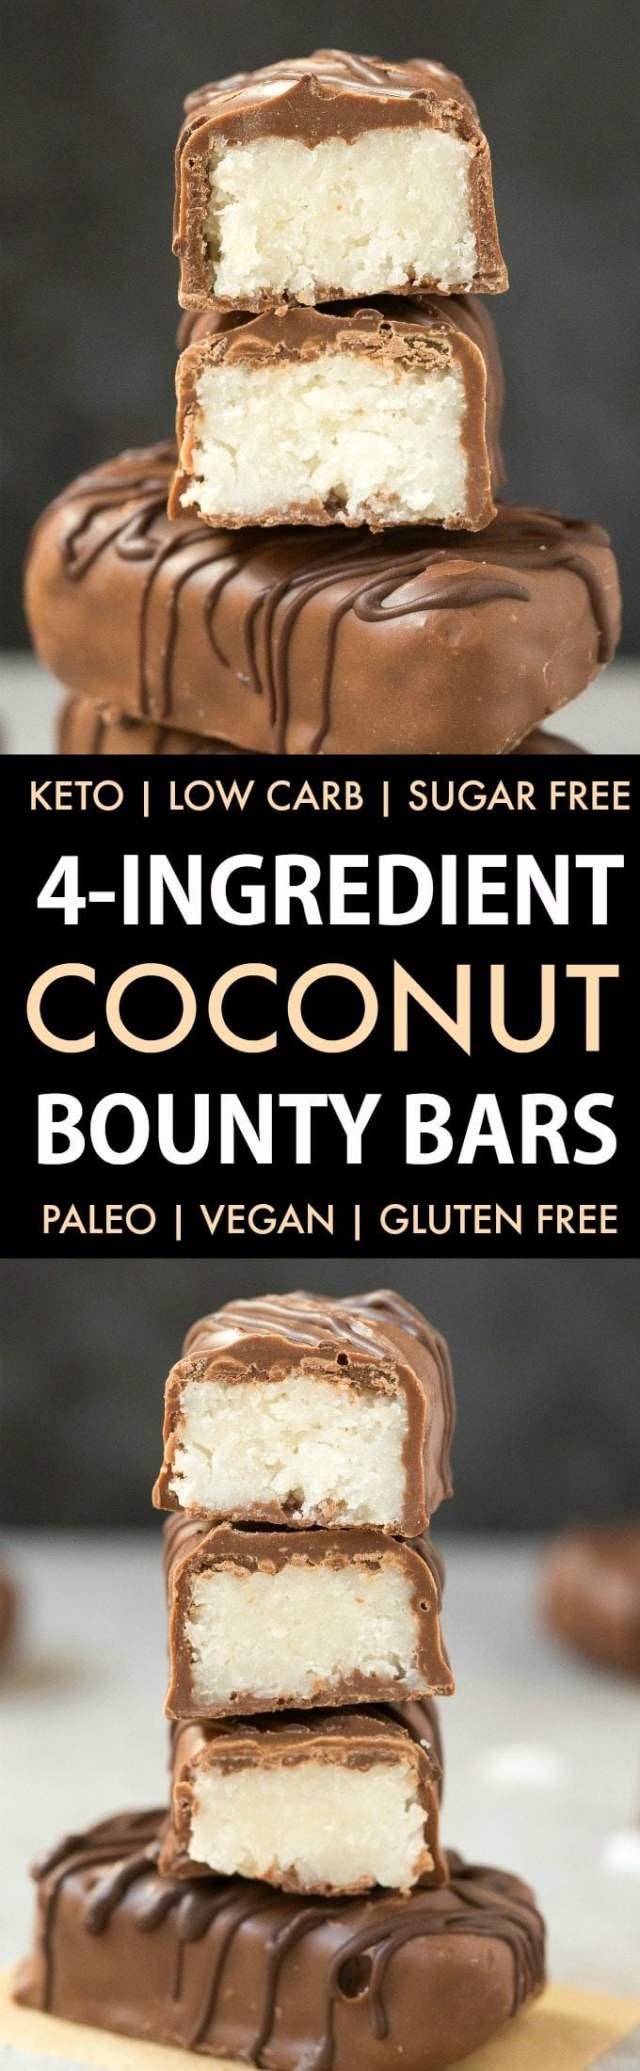 Homemade No Bake Coconut Bounty Bars